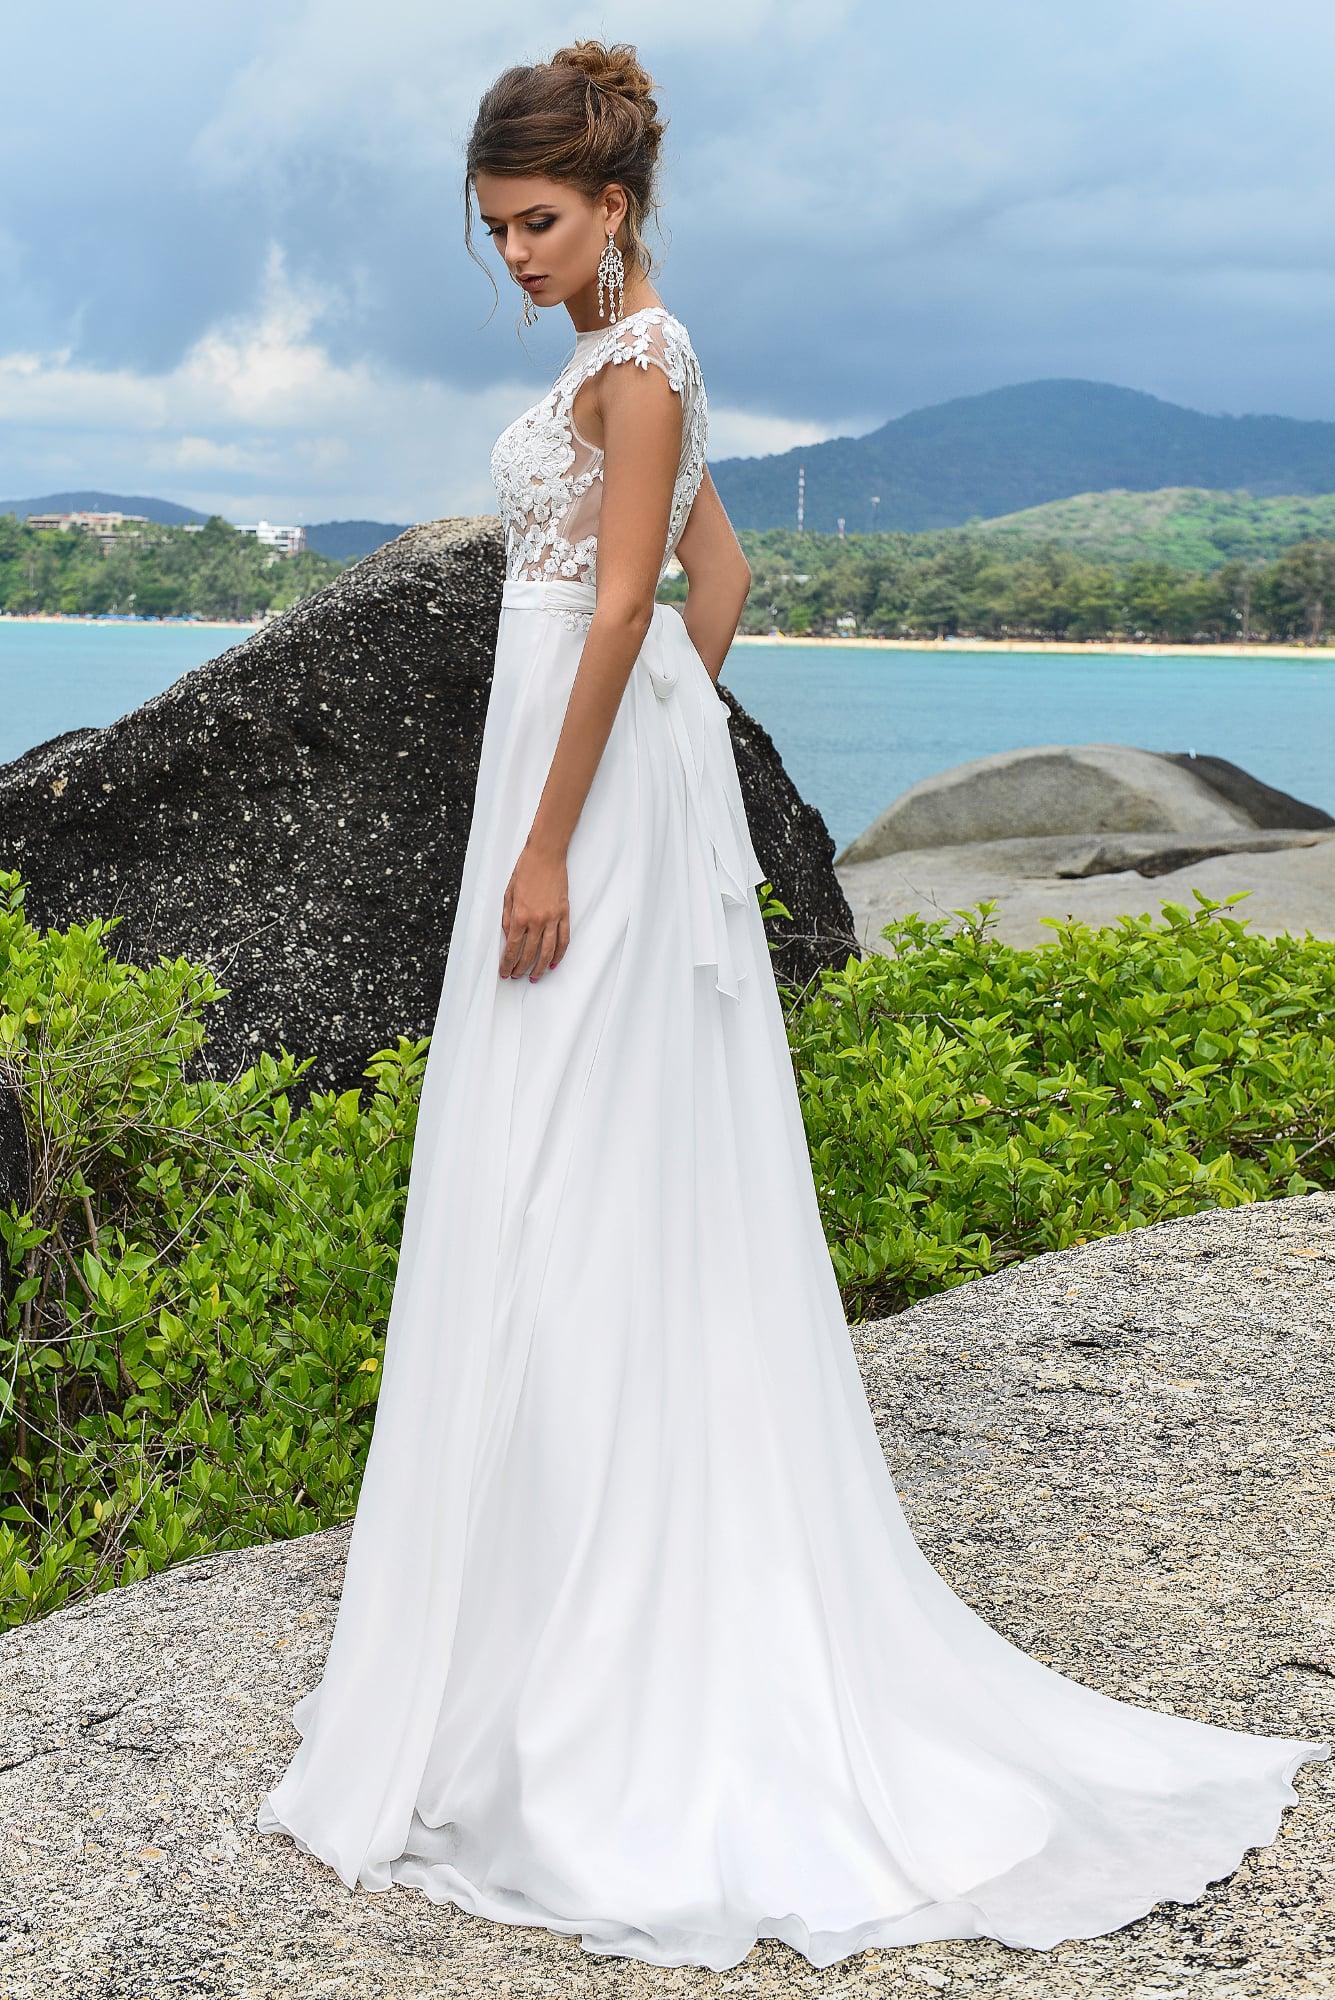 Прямое свадебное платье с прозрачным закрытым лифом, украшенным кружевом.